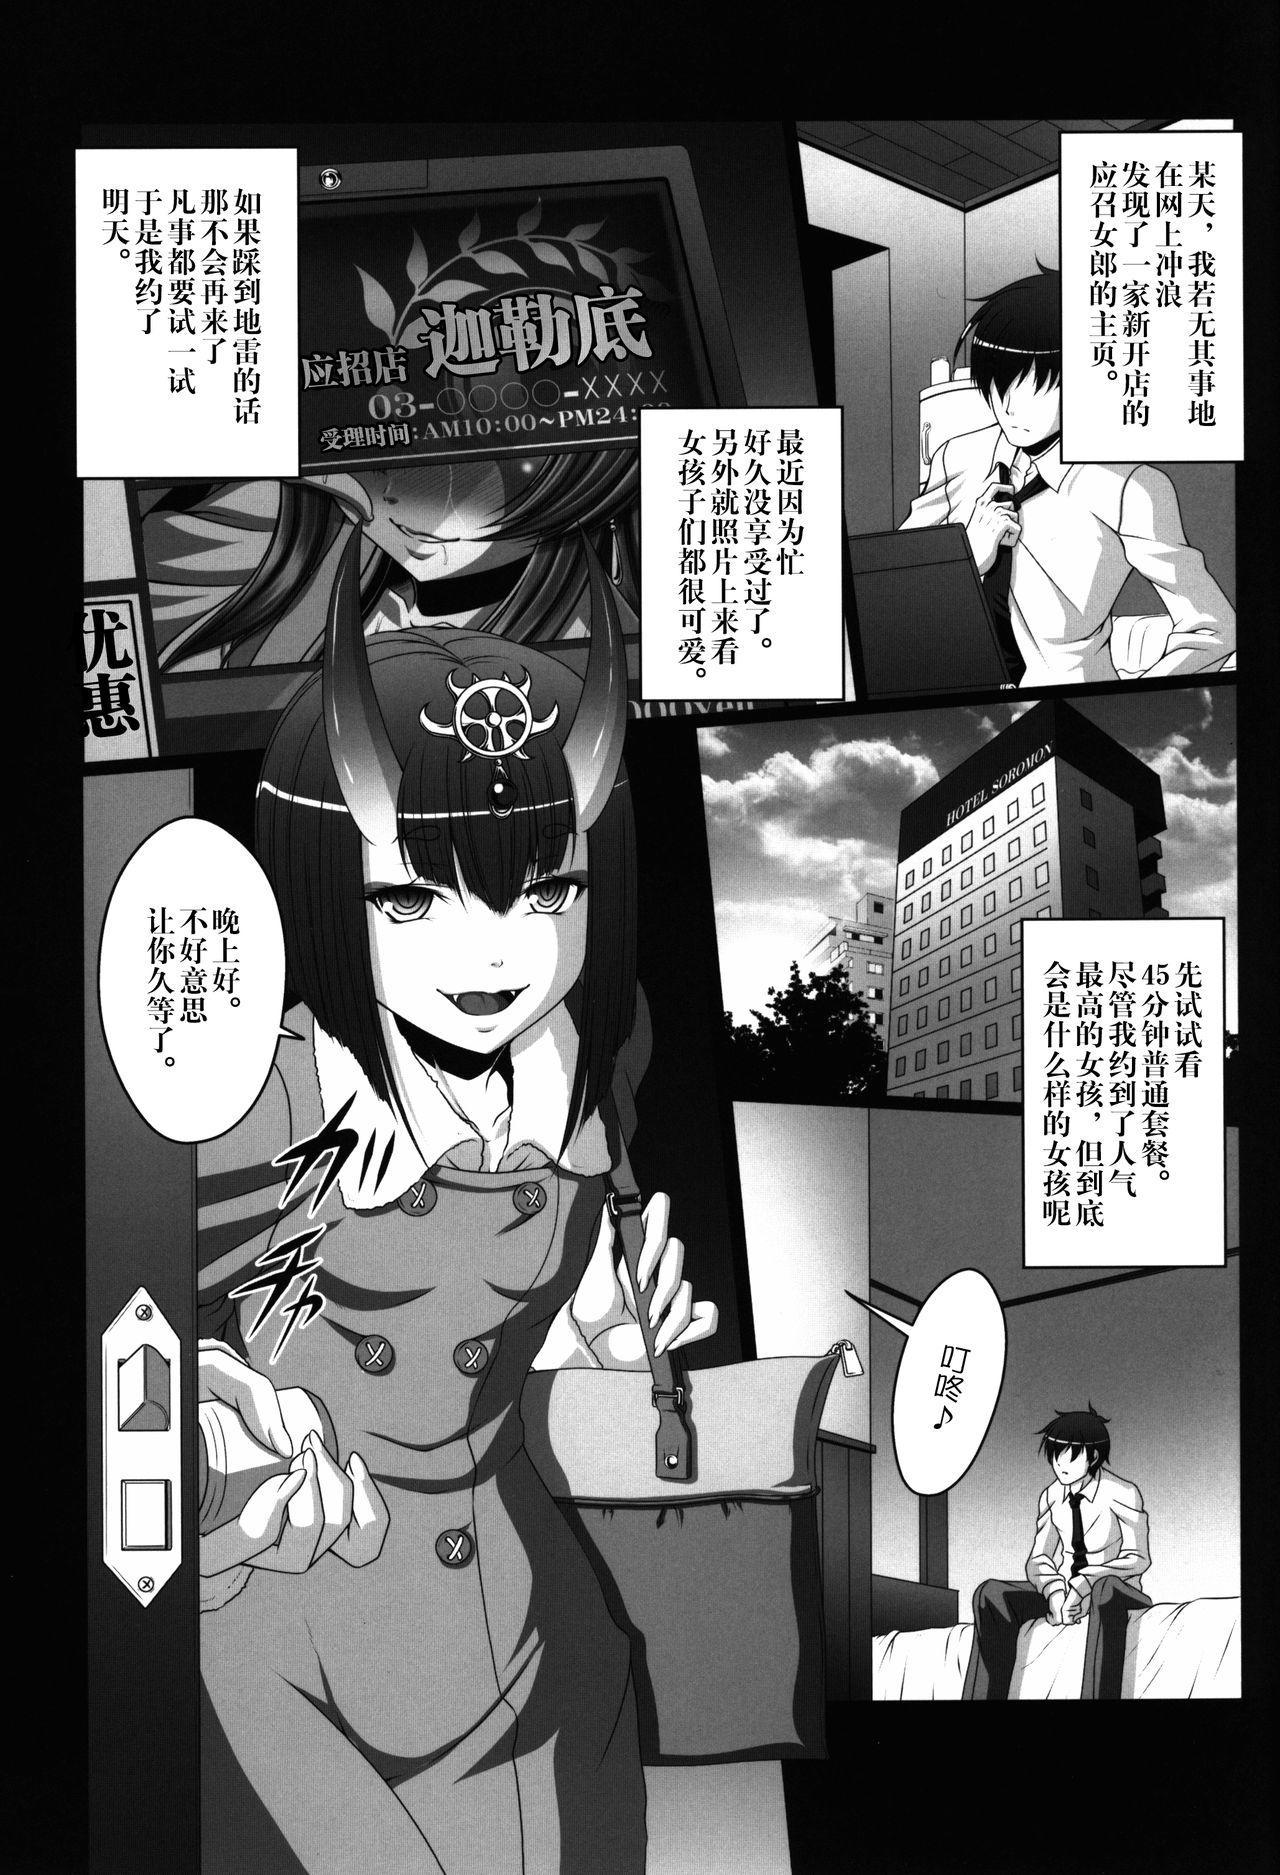 HOBBY'S BLOCK!! 26 Shuten DeliHeal Hon Shuten Yuujo Shunga Emaki 2